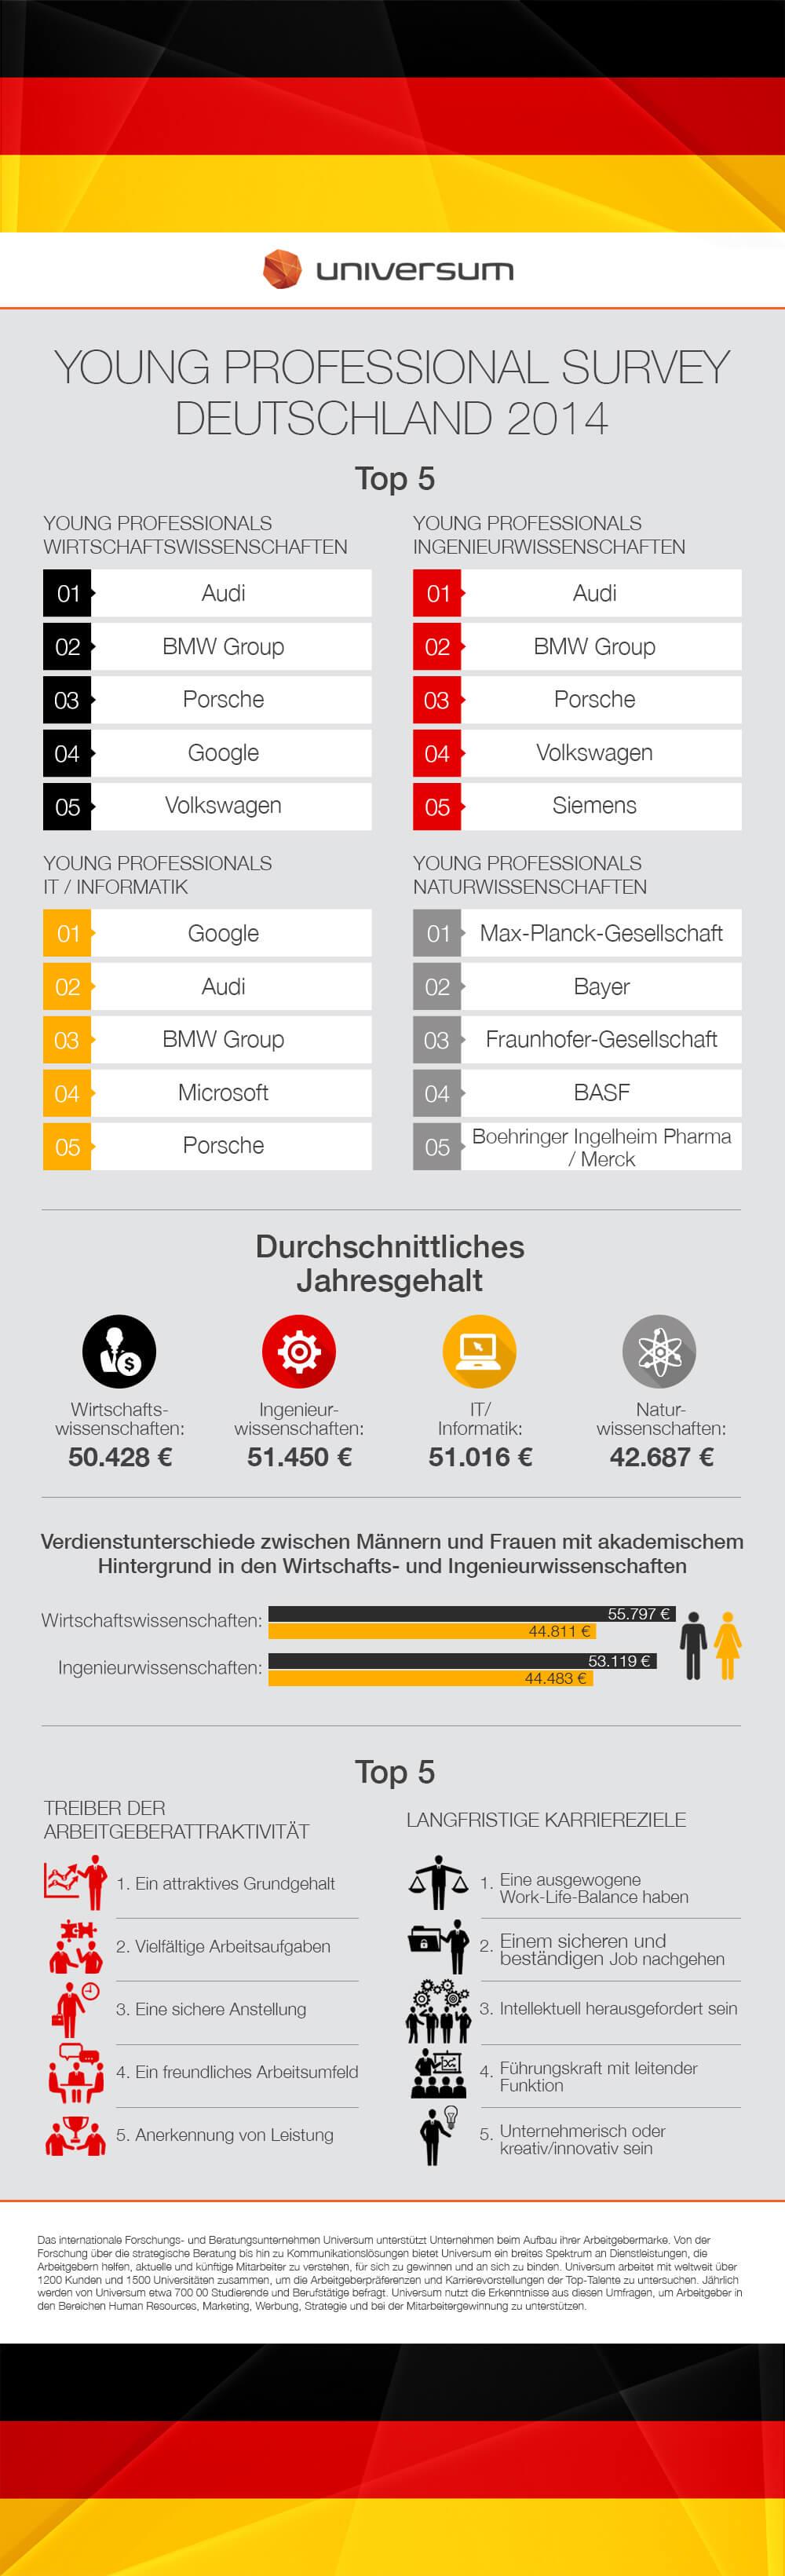 Infografik TOP5 Arbeitgeber + Jahresgehalt + Arbeitgeberattraktivität + Karriereziele des Universum Young Professional Survey 2014